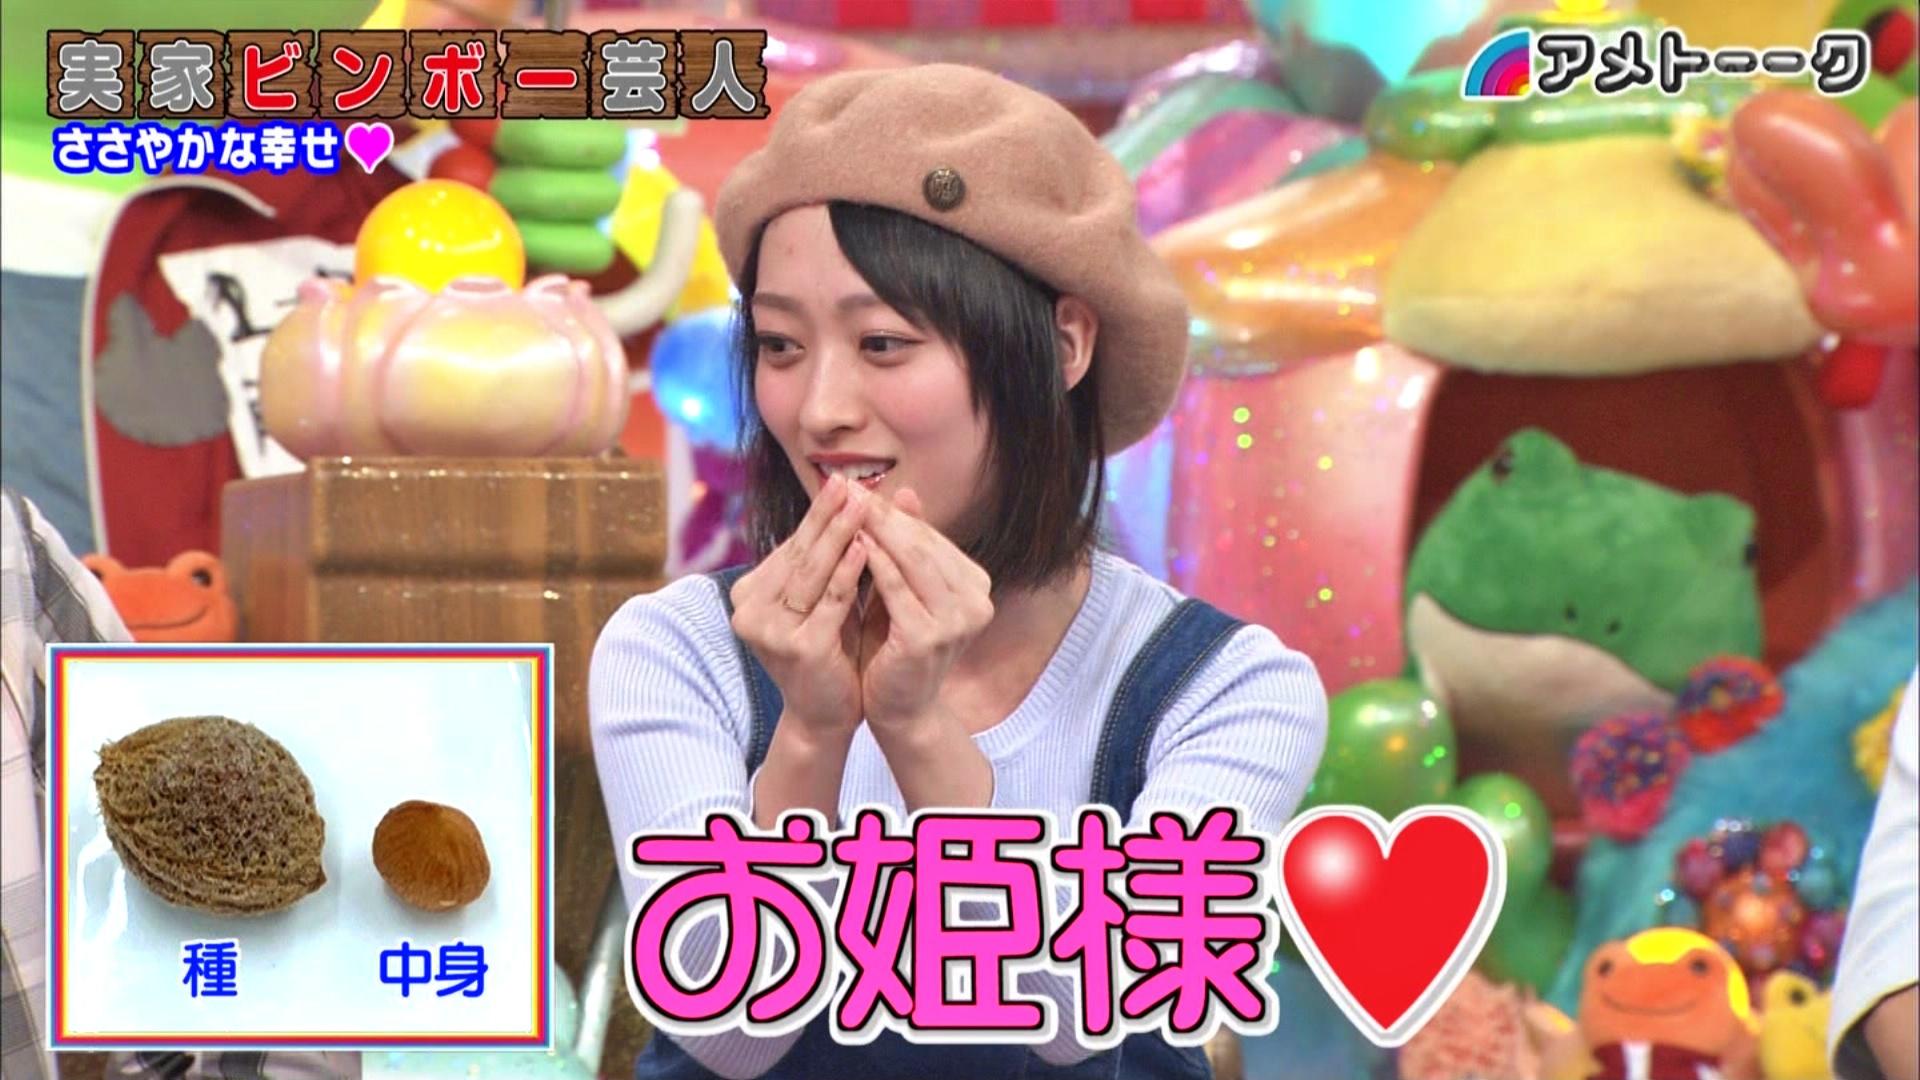 【三秋里歩】りぽぽ出演 3月7日アメトーーク「実家ビンボー芸人」キャプ画像。